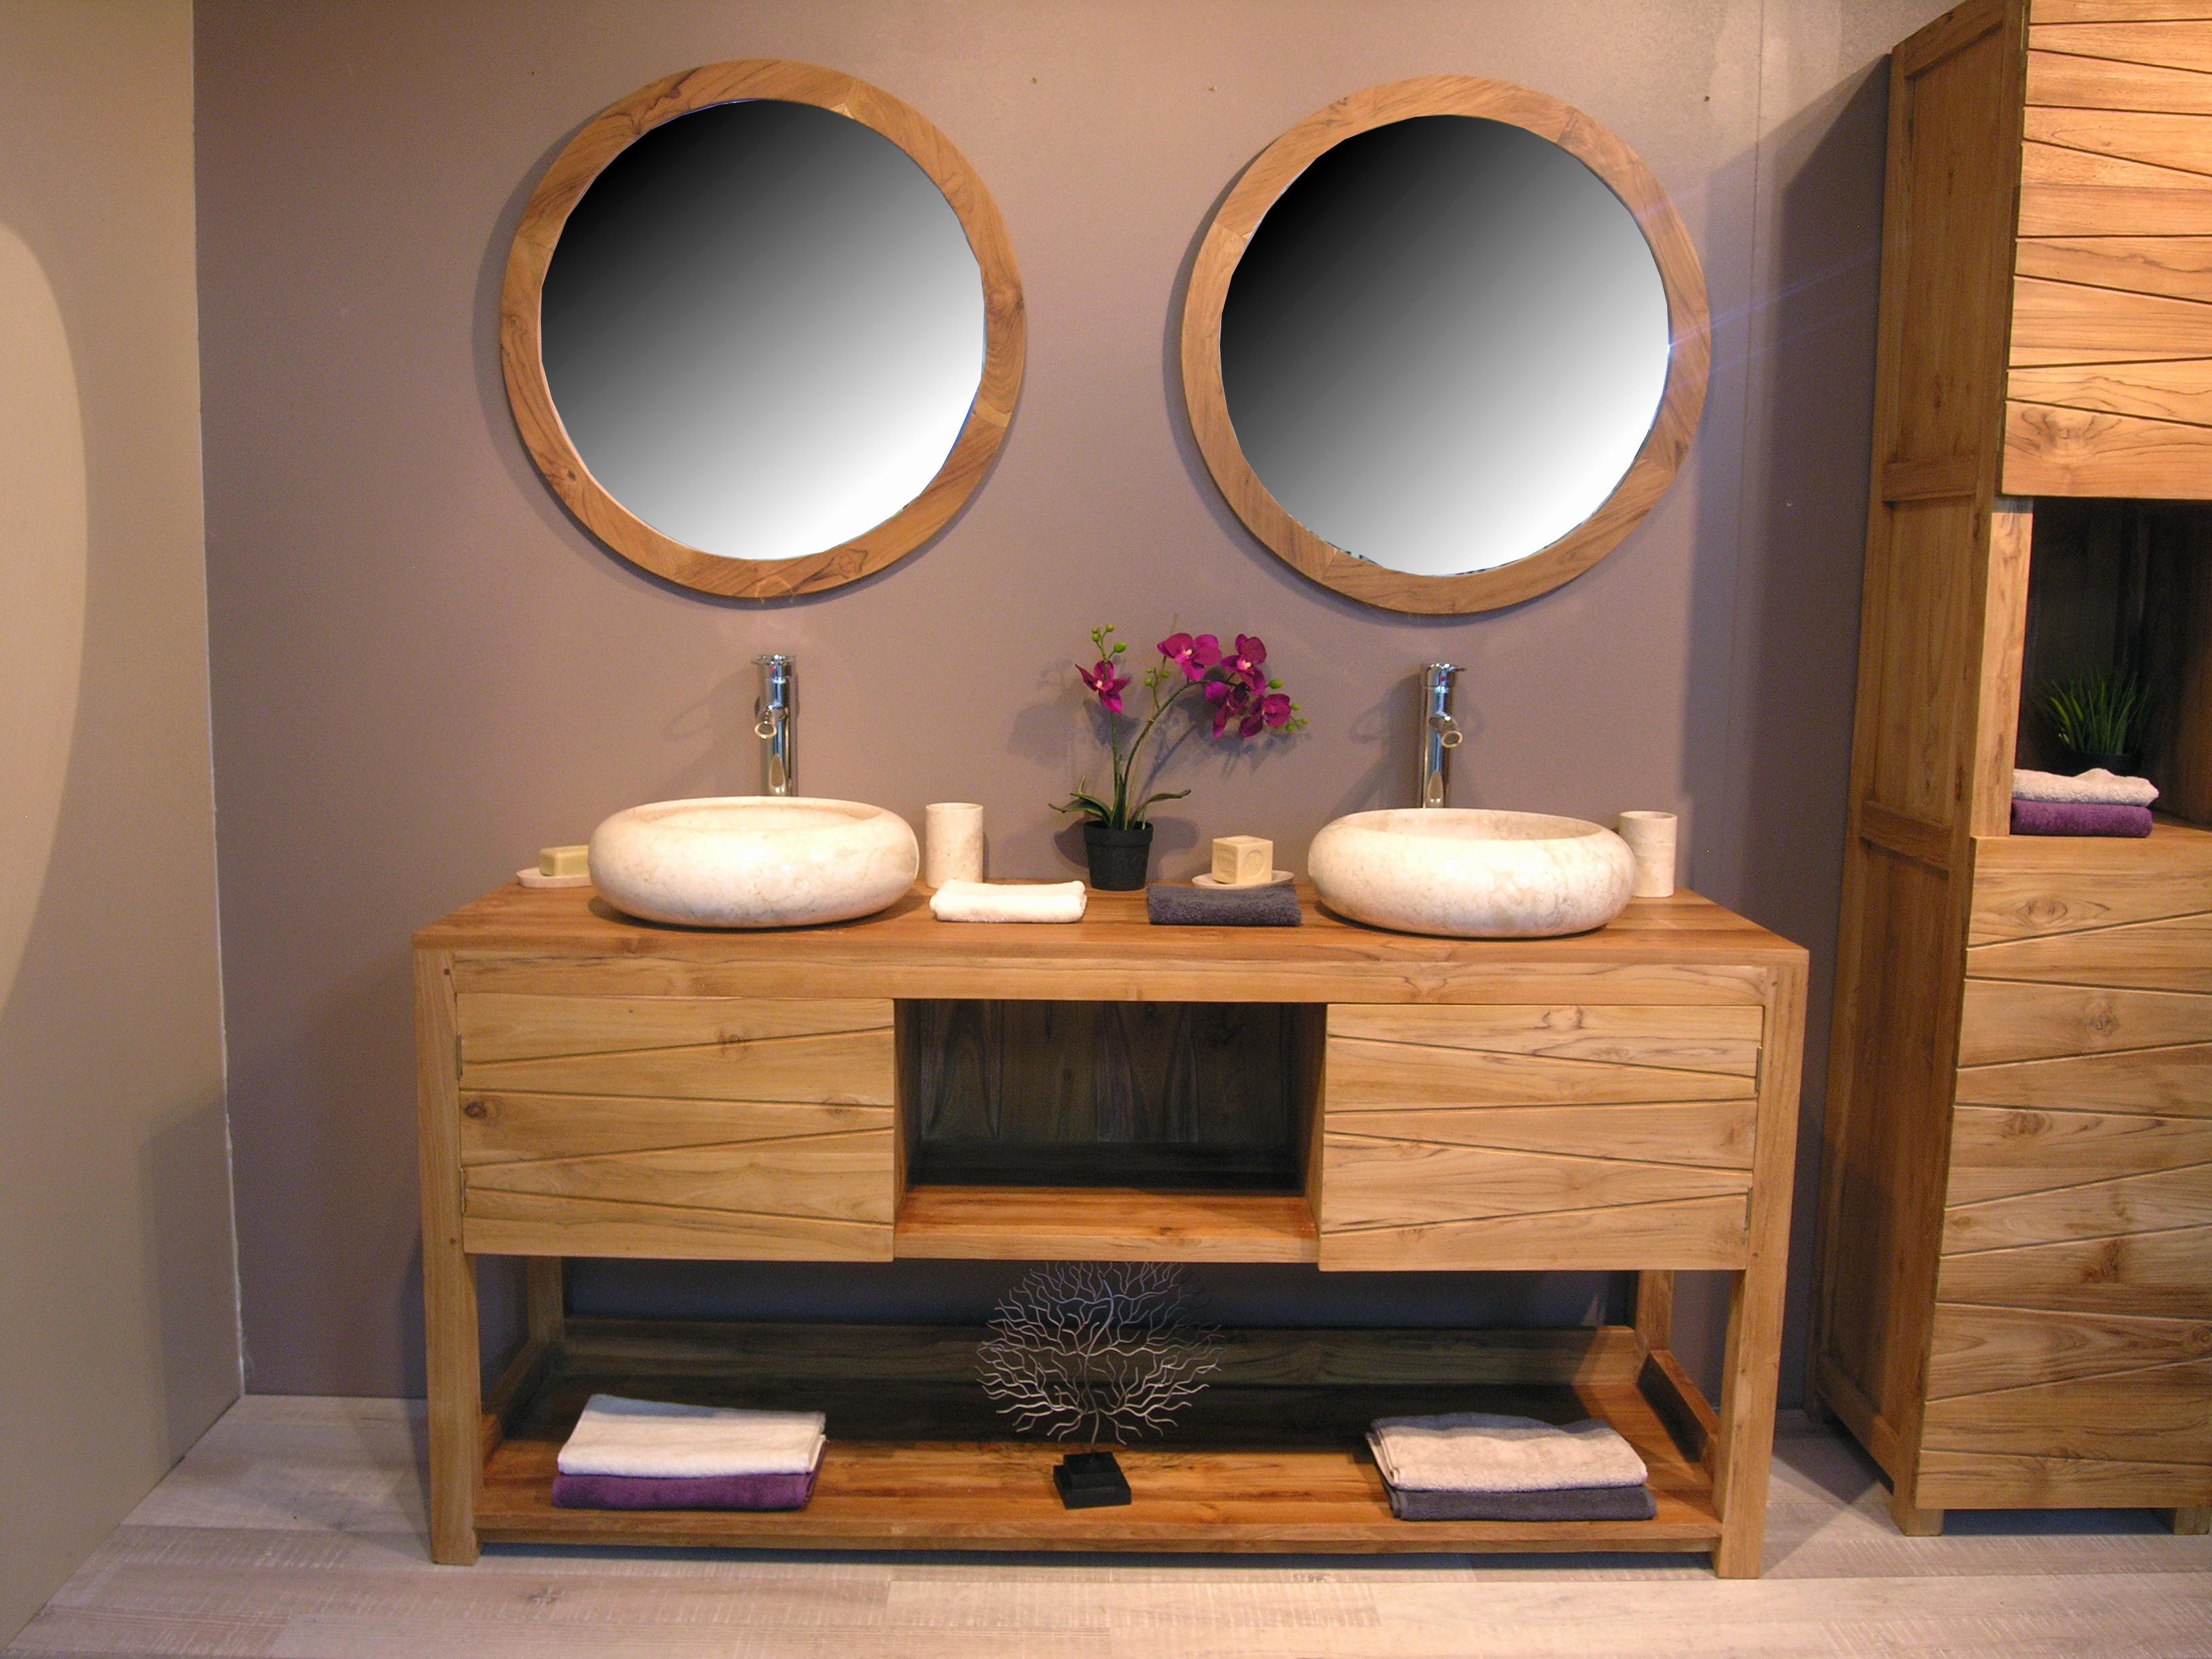 Ikea Vasque Salle De Bain Beau Photos Concept De Maison